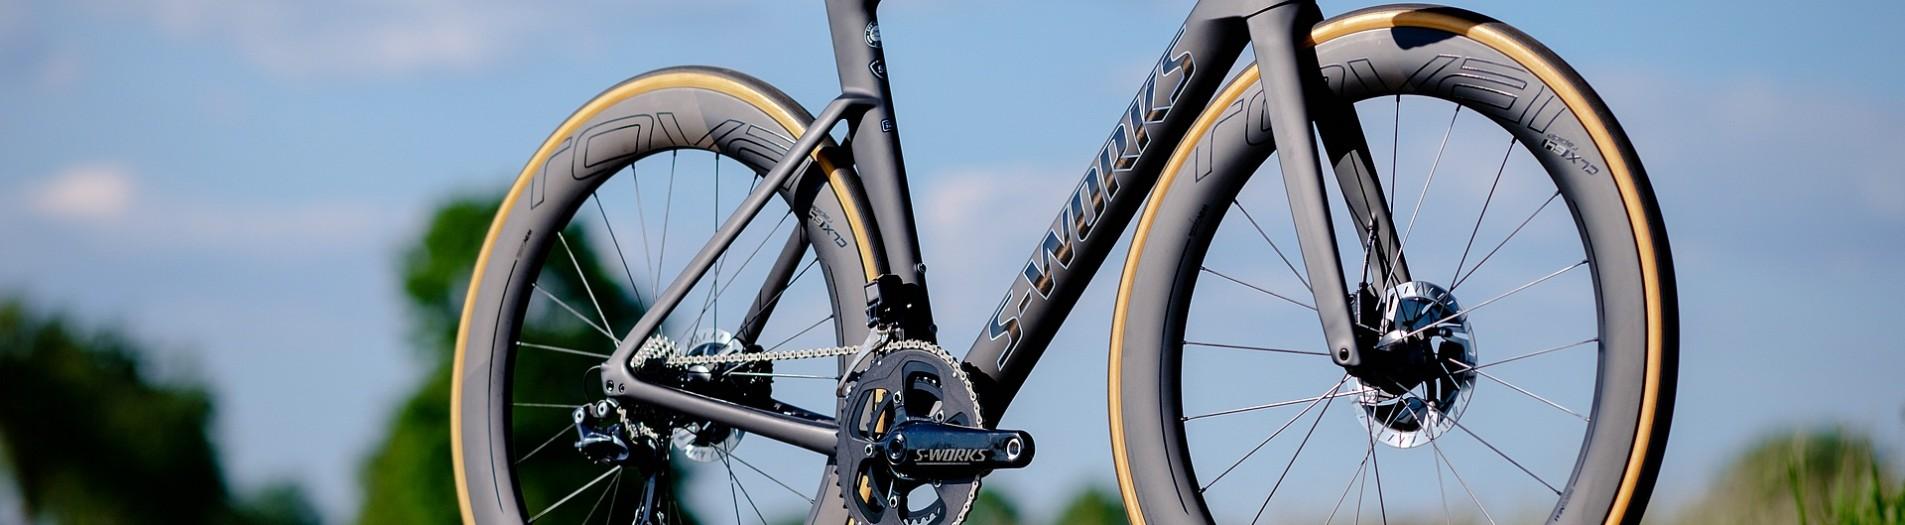 Bicyklová rovnováha